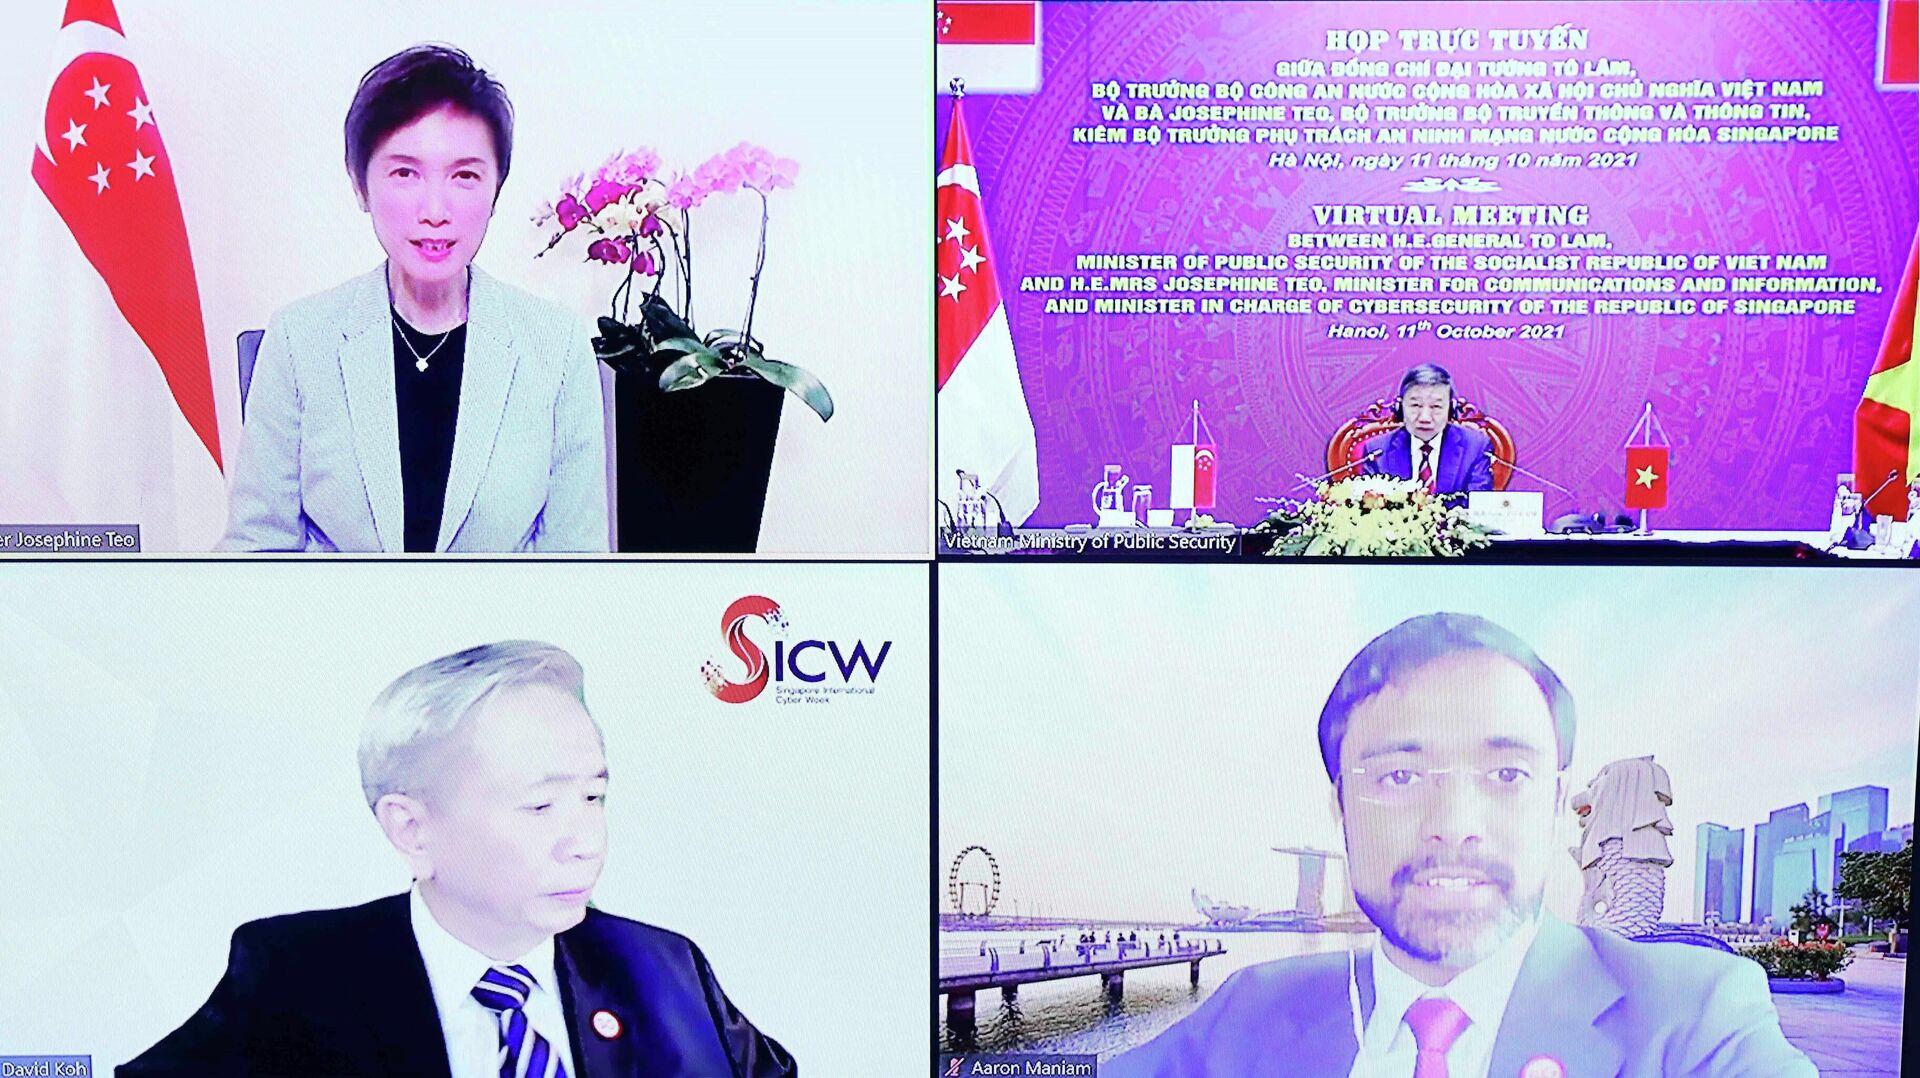 Bộ trưởng Công an Tô Lâm họp trực tuyến với Bộ trưởng Bộ Truyền thông và Thông tin kiêm Bộ trưởng phụ trách an ninh mạng Singapore - Sputnik Việt Nam, 1920, 11.10.2021